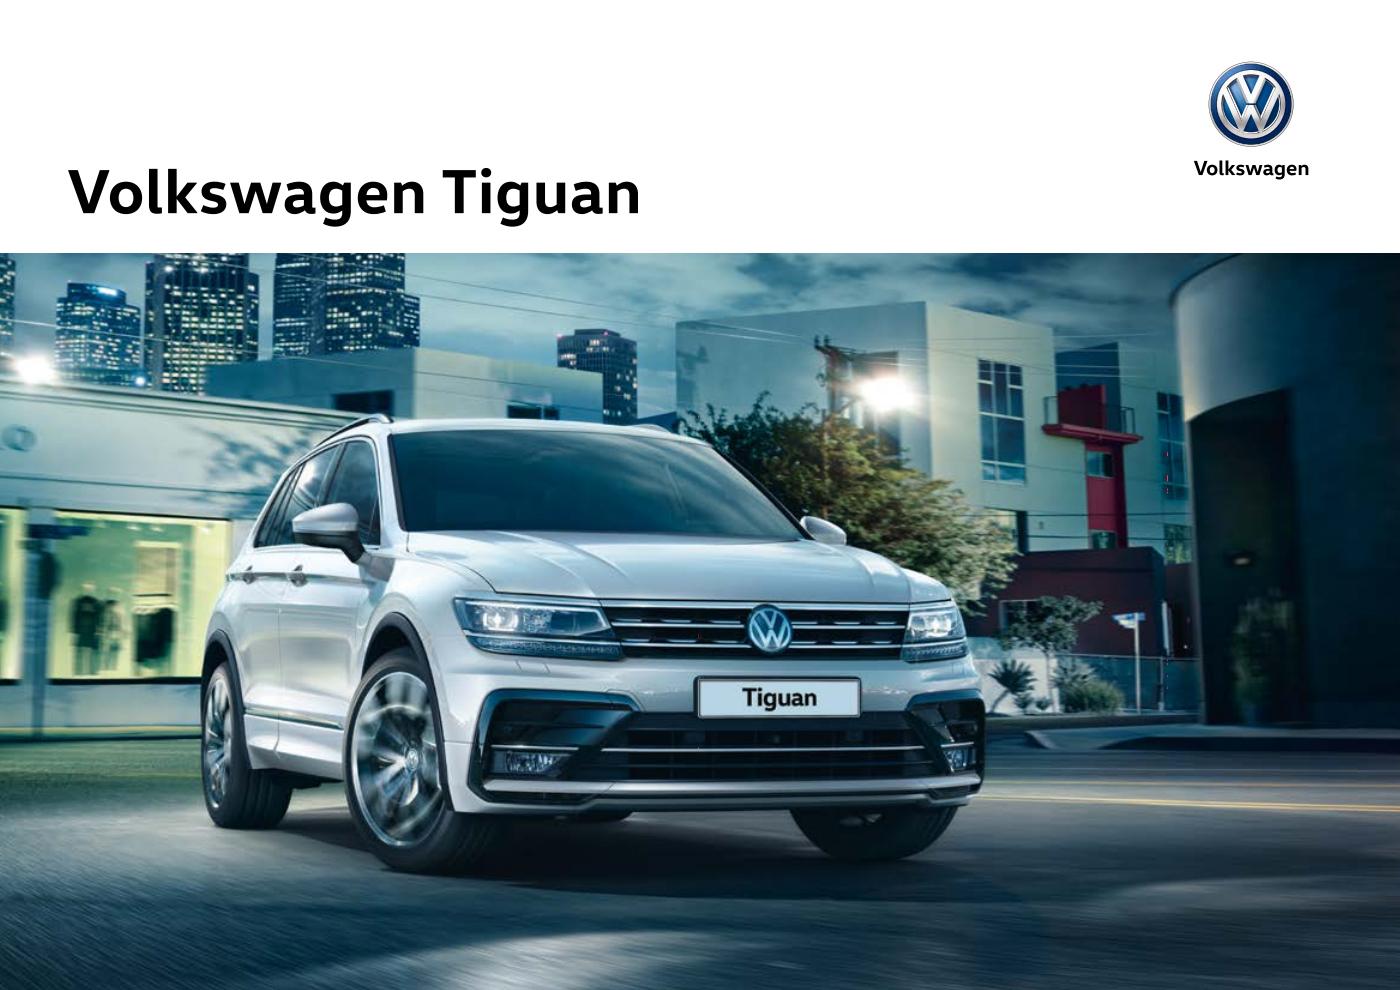 [RU]_VW_Tiguan_BT_brochure_2019.jpg